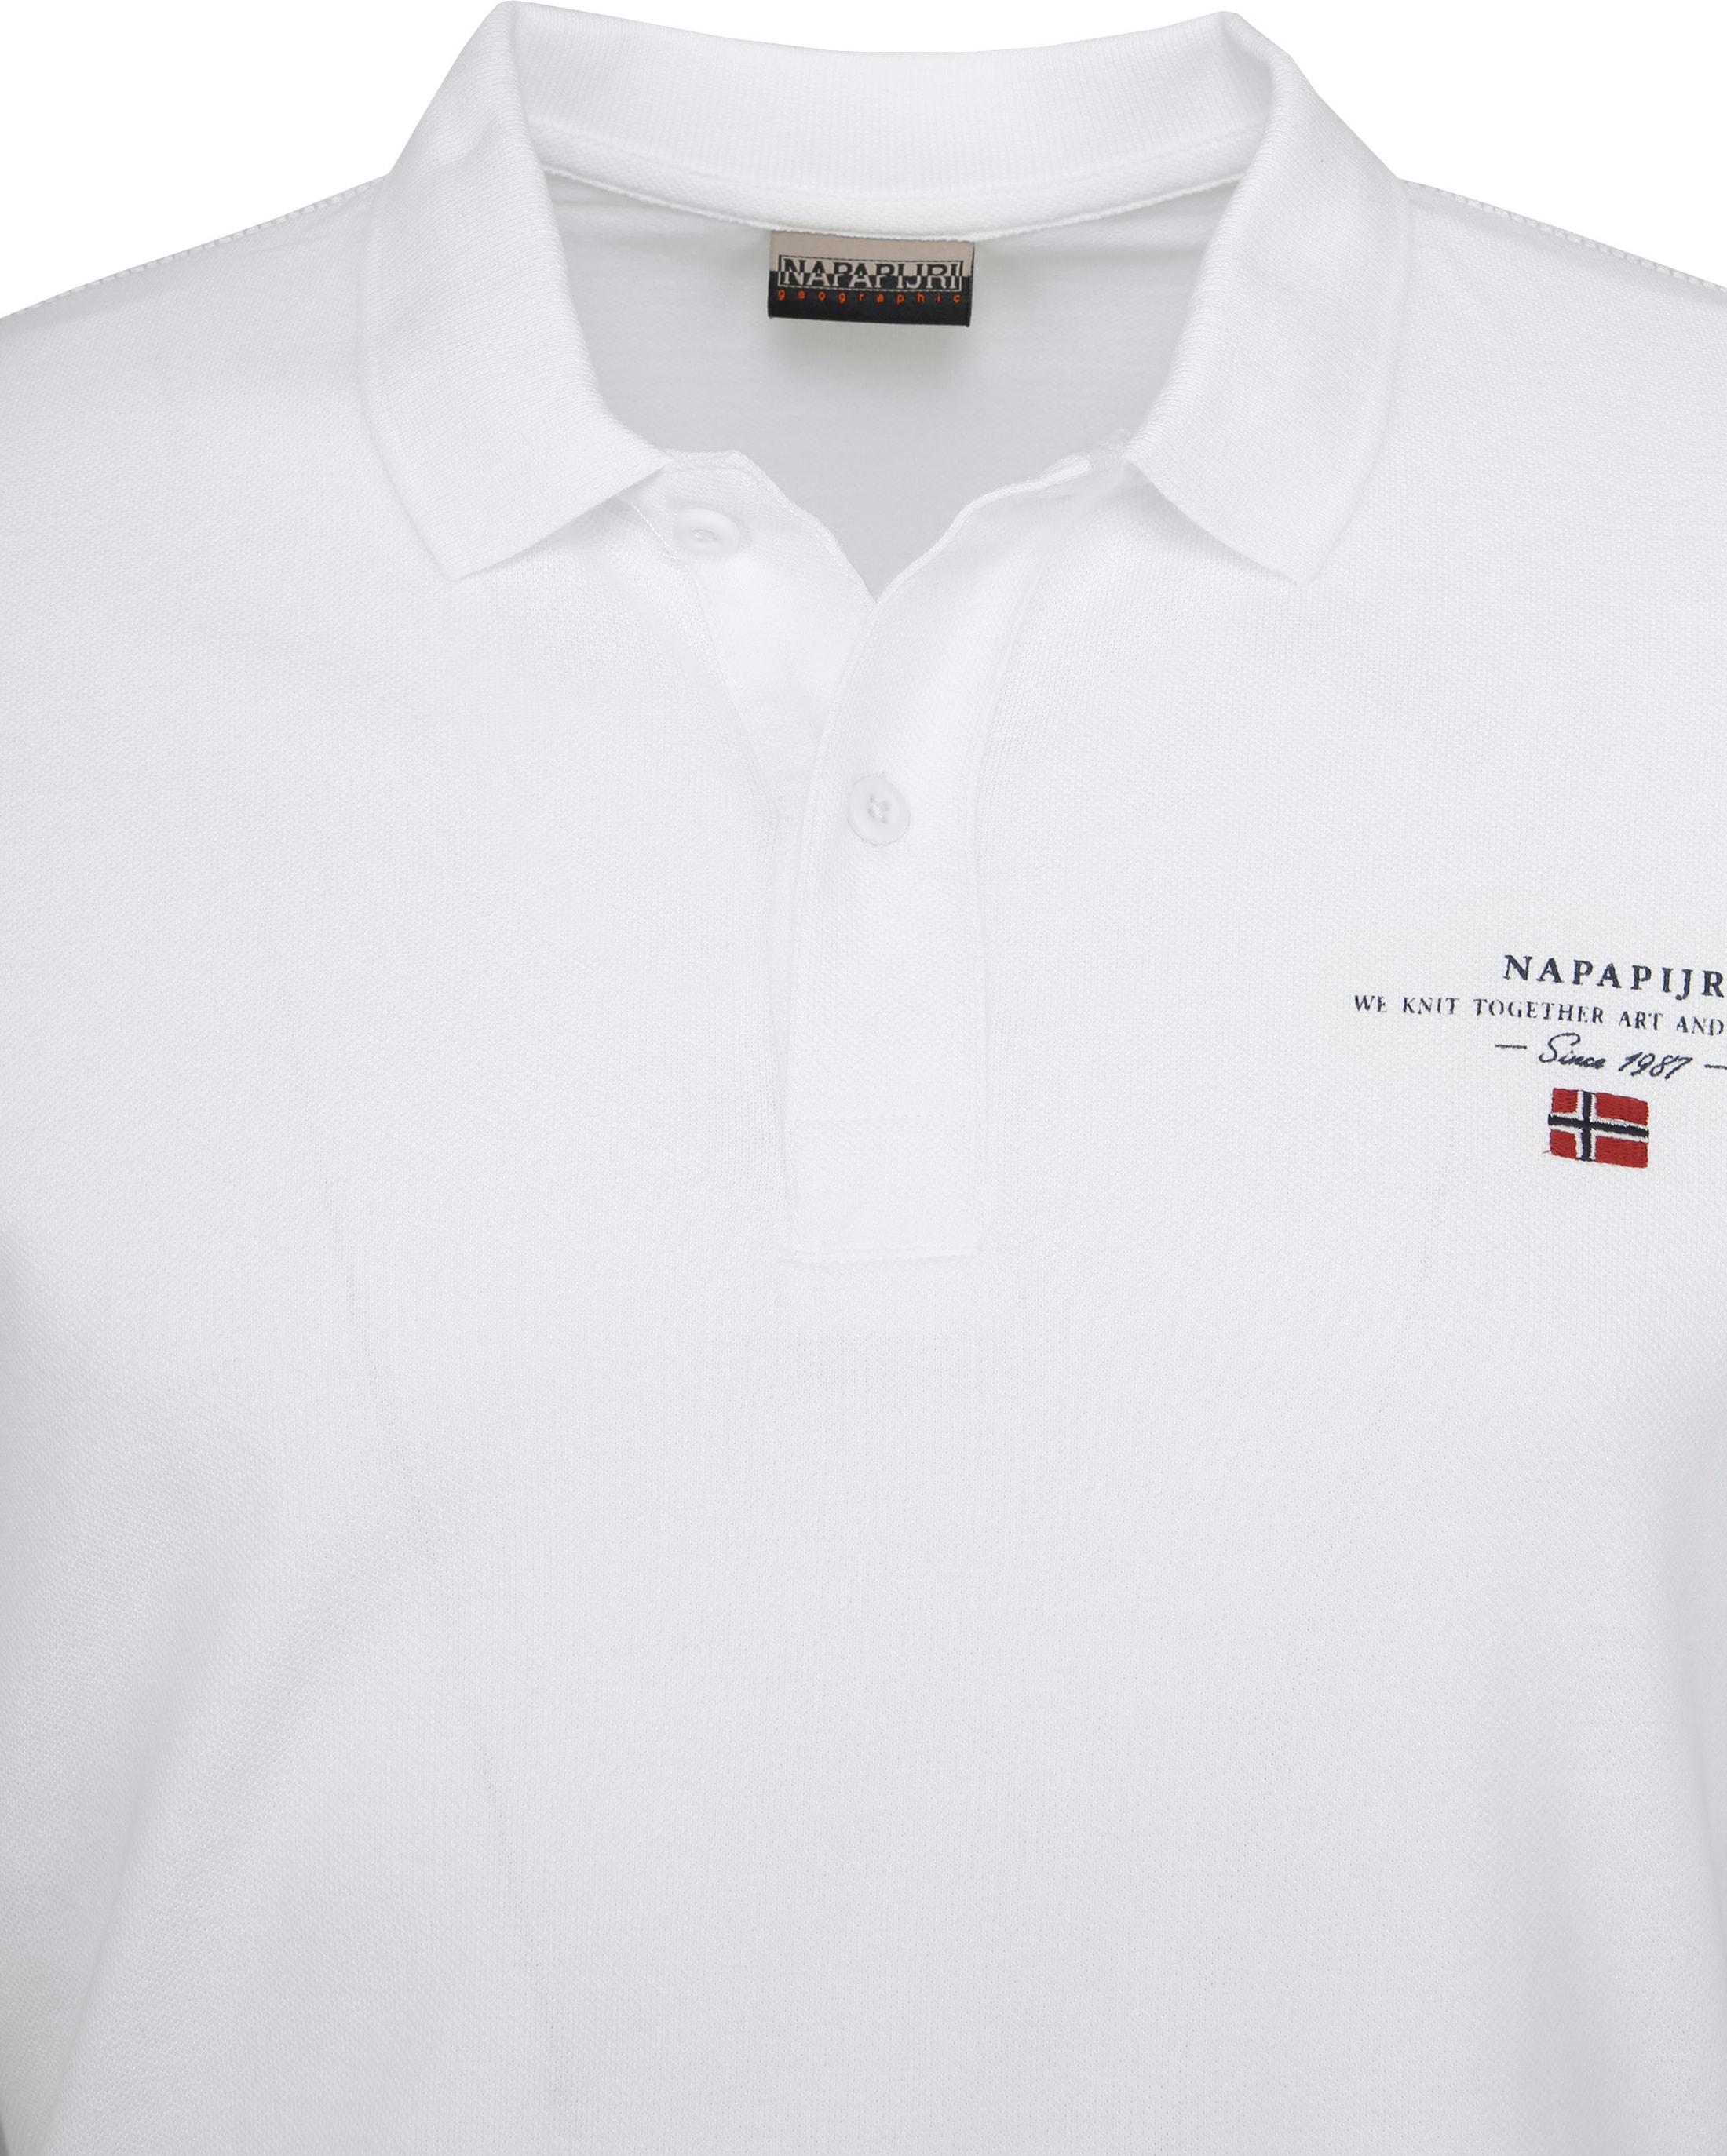 Napapijri Poloshirt Elbas 2 Weiß foto 1